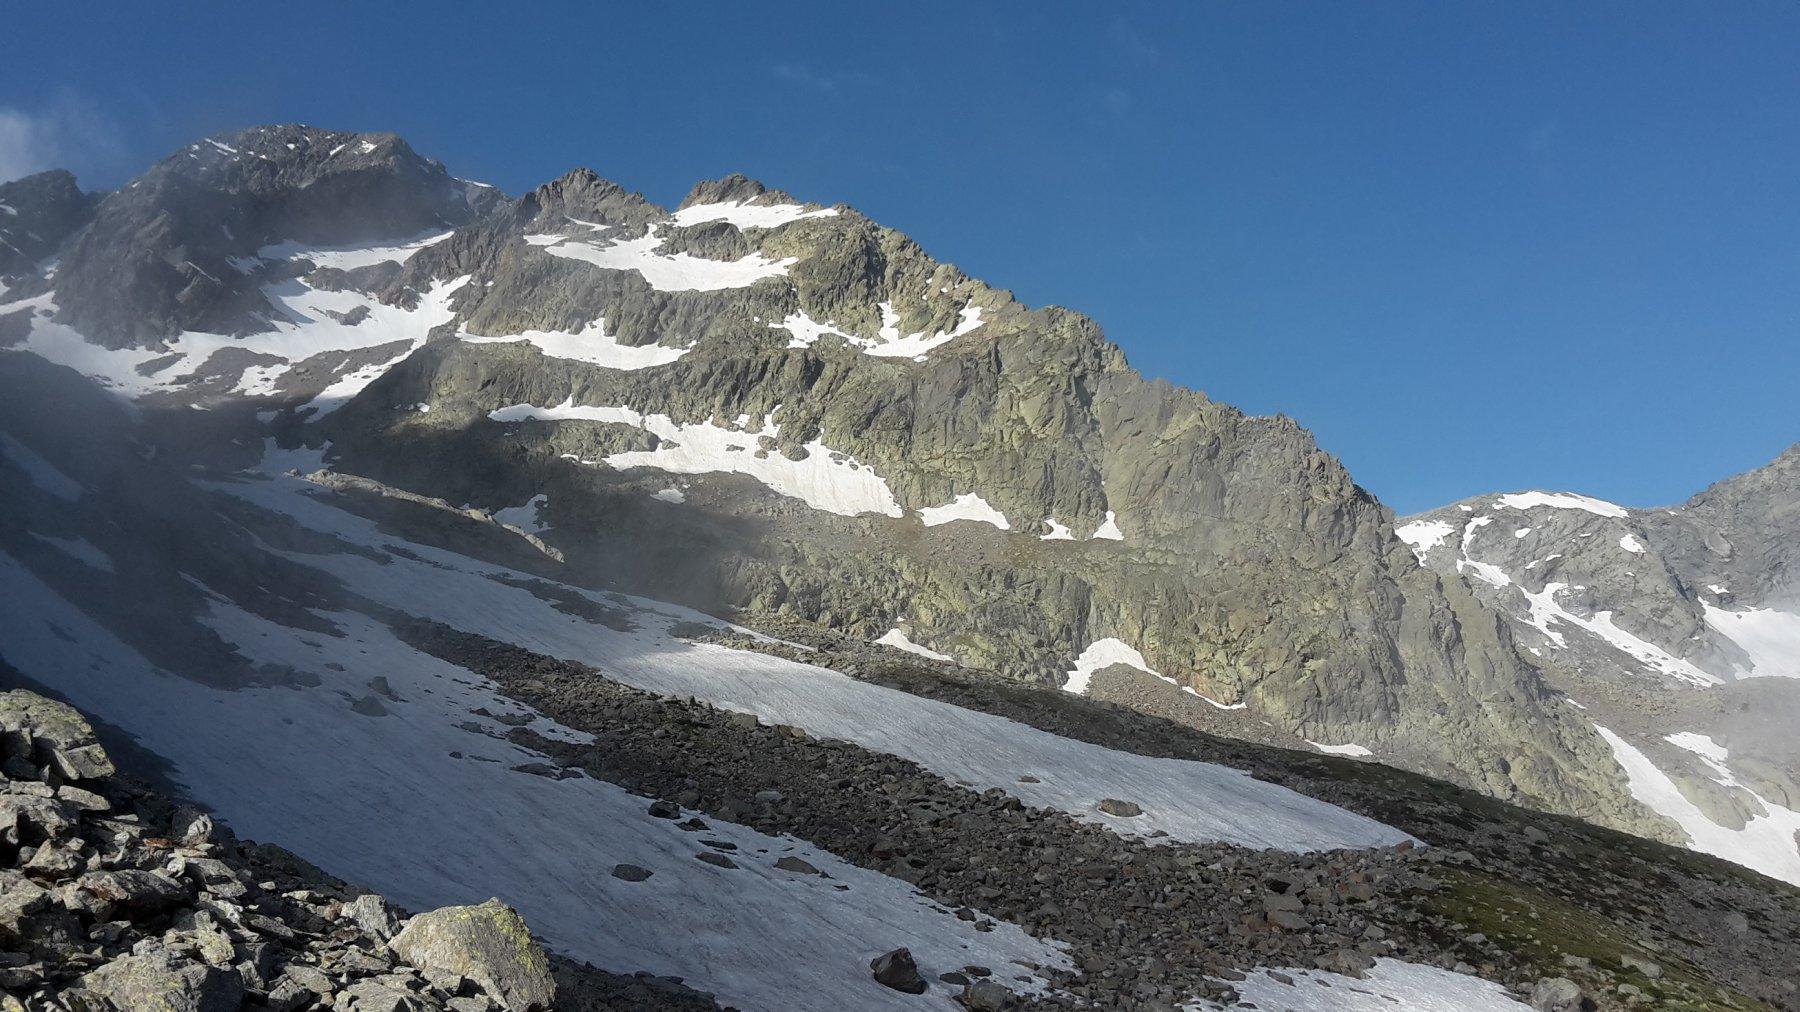 La cresta e il vallone di discesa